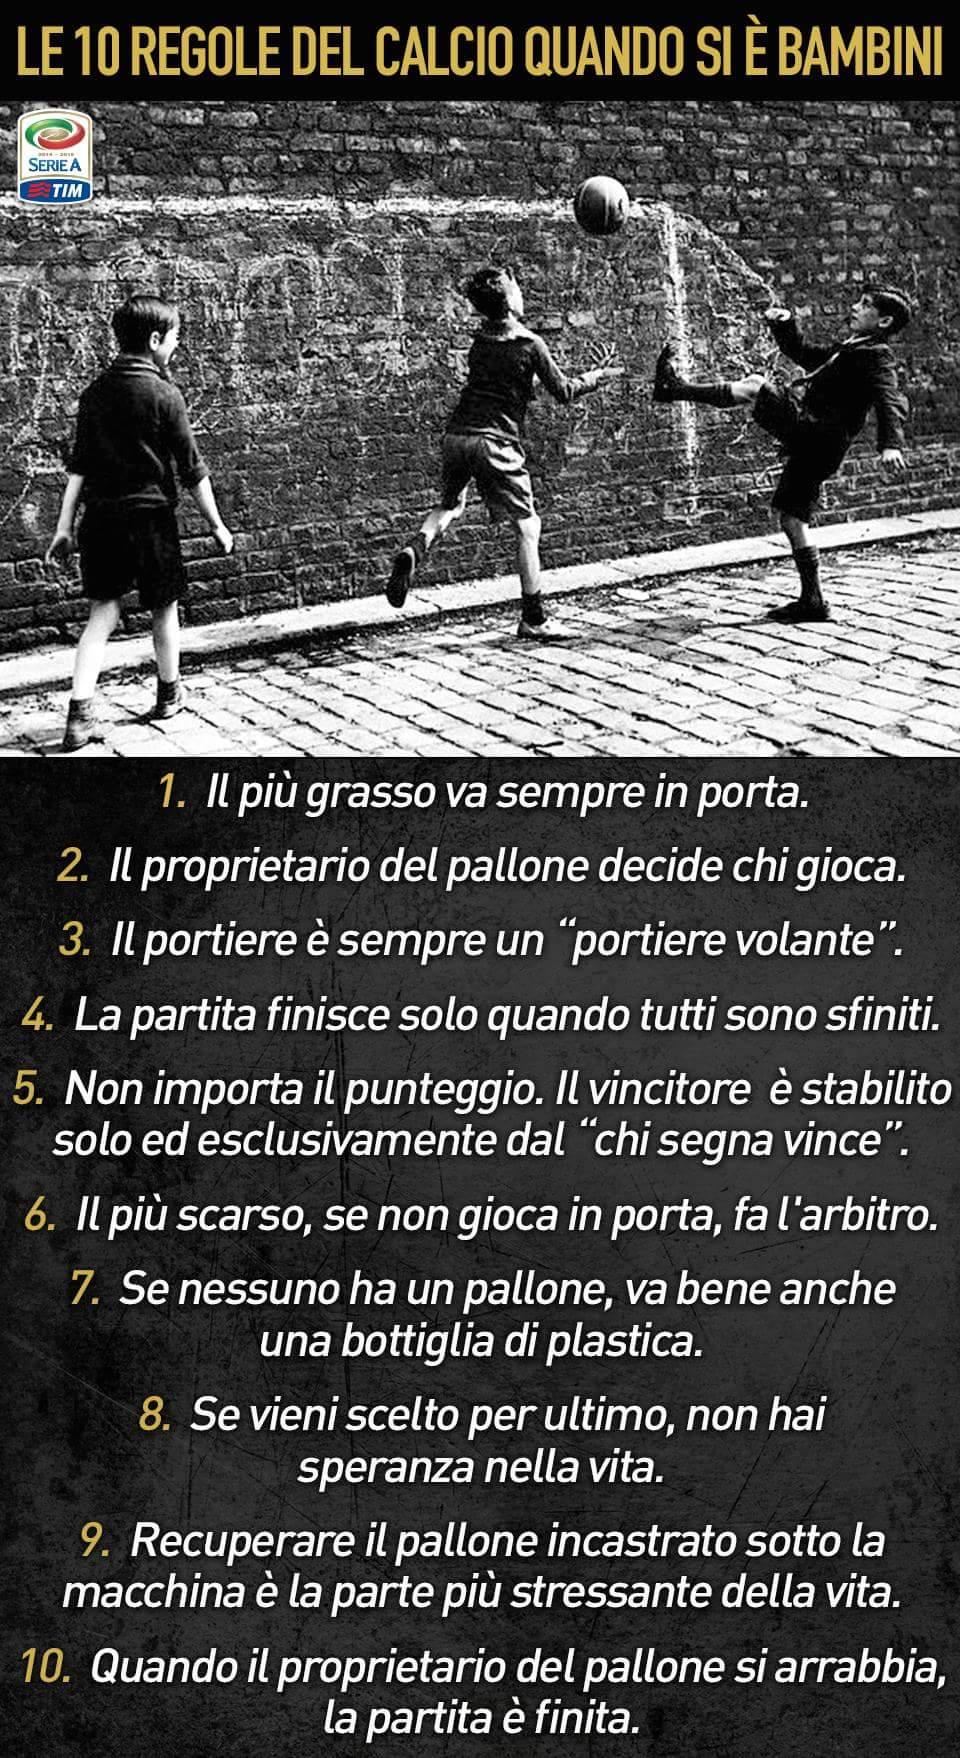 Le 10 regole del calcio quando si è bambini